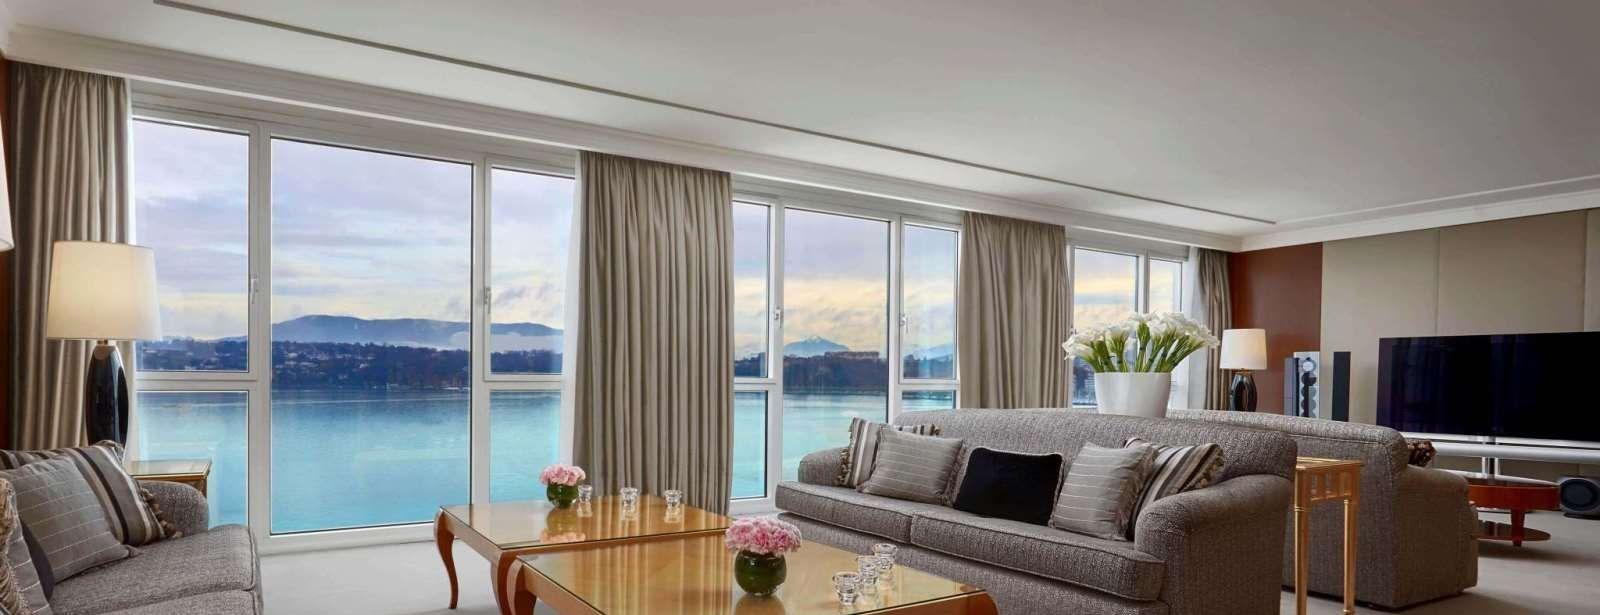 Hotel President Wilson Geneva